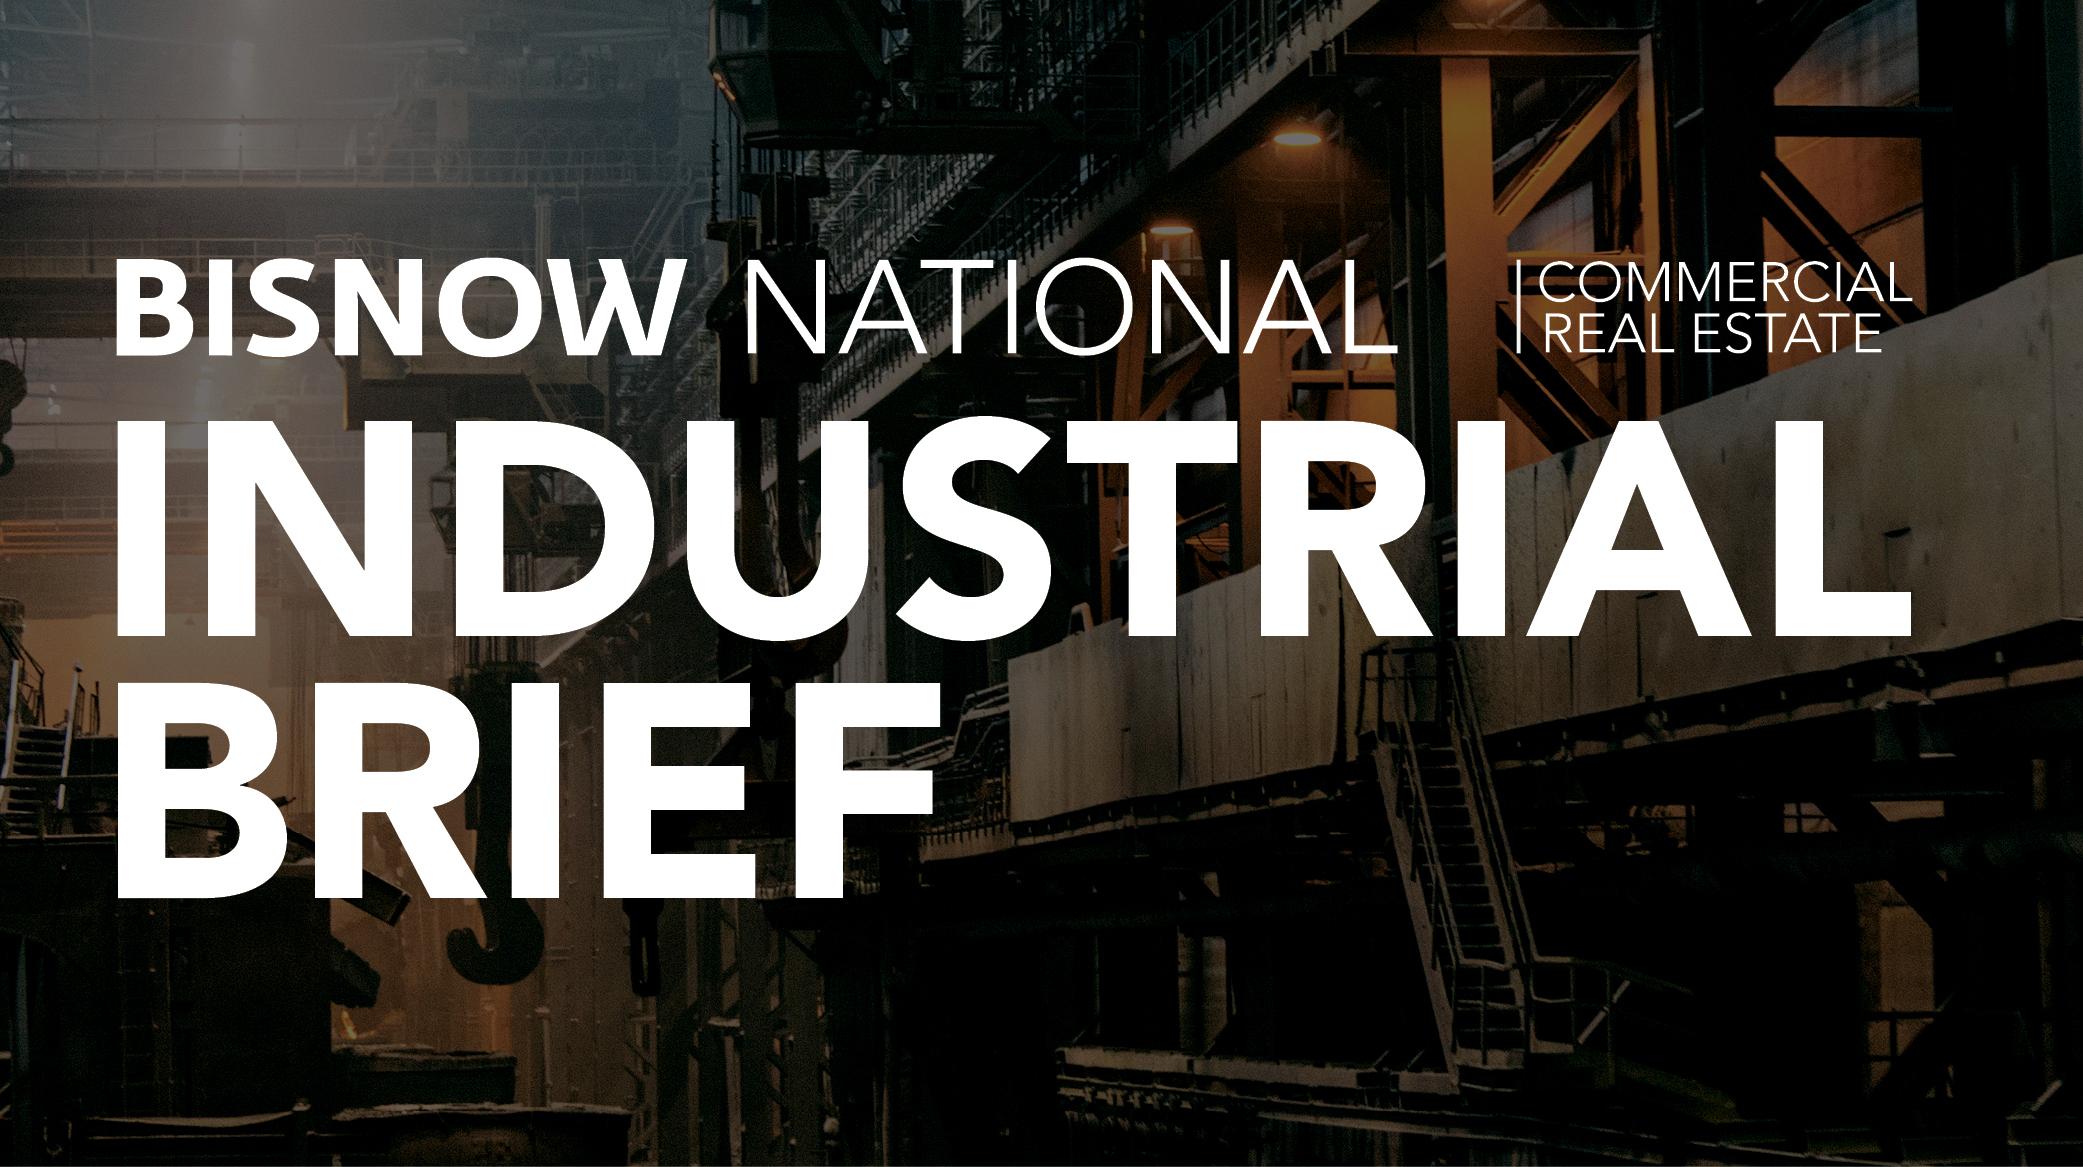 Bisnow Morning Brief Industrial Weekly